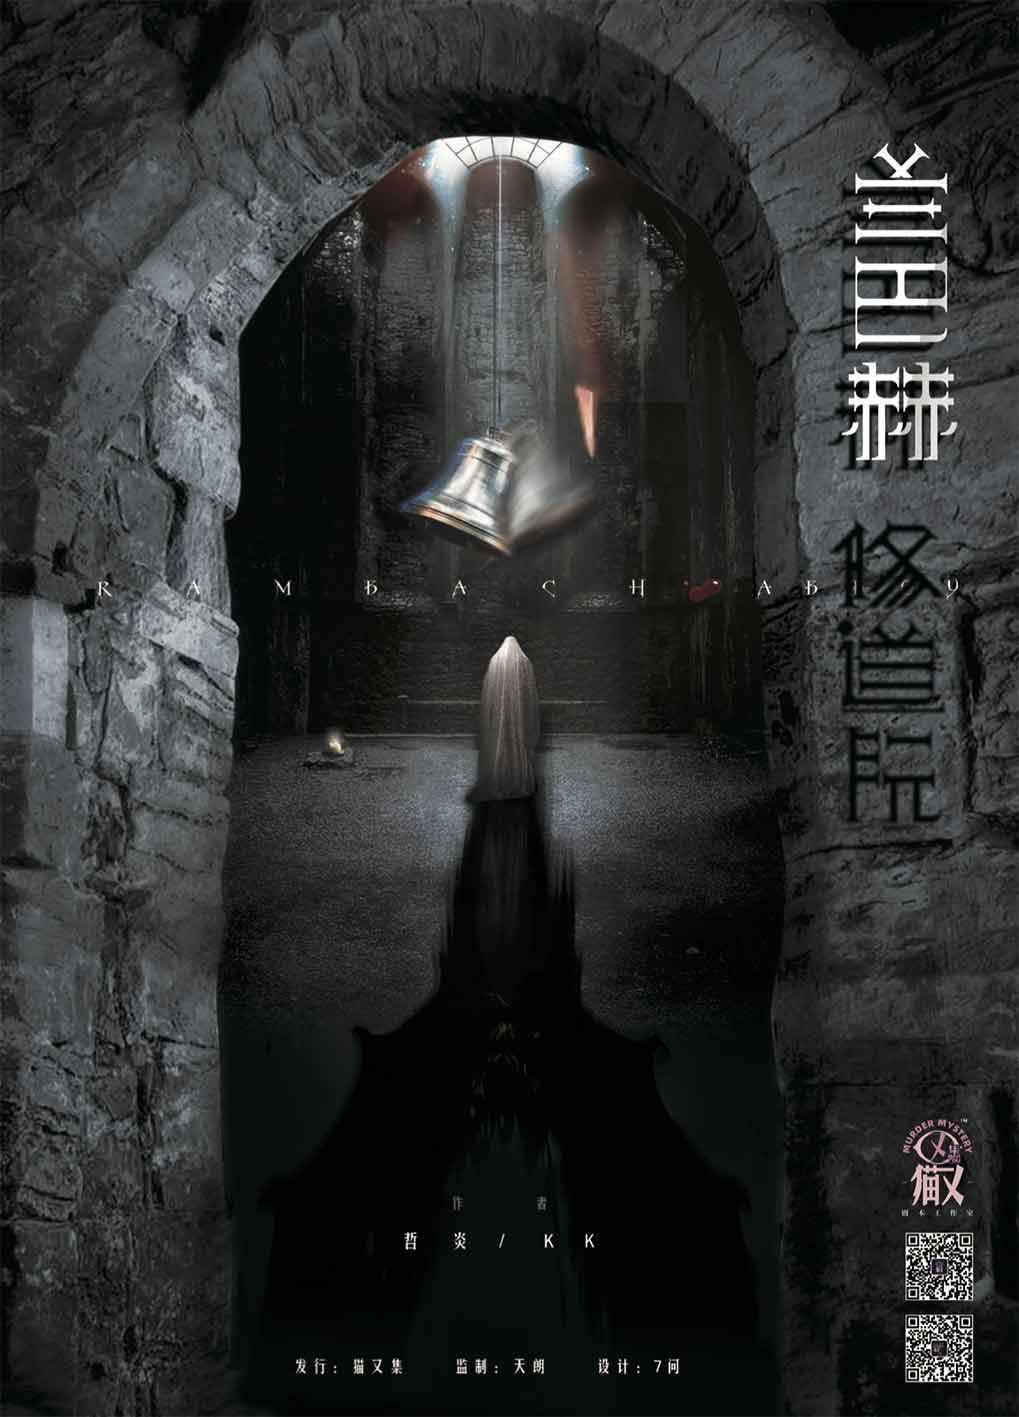 剧本杀兰巴赫修道院复盘解析+凶手是谁+手法动机+剧透